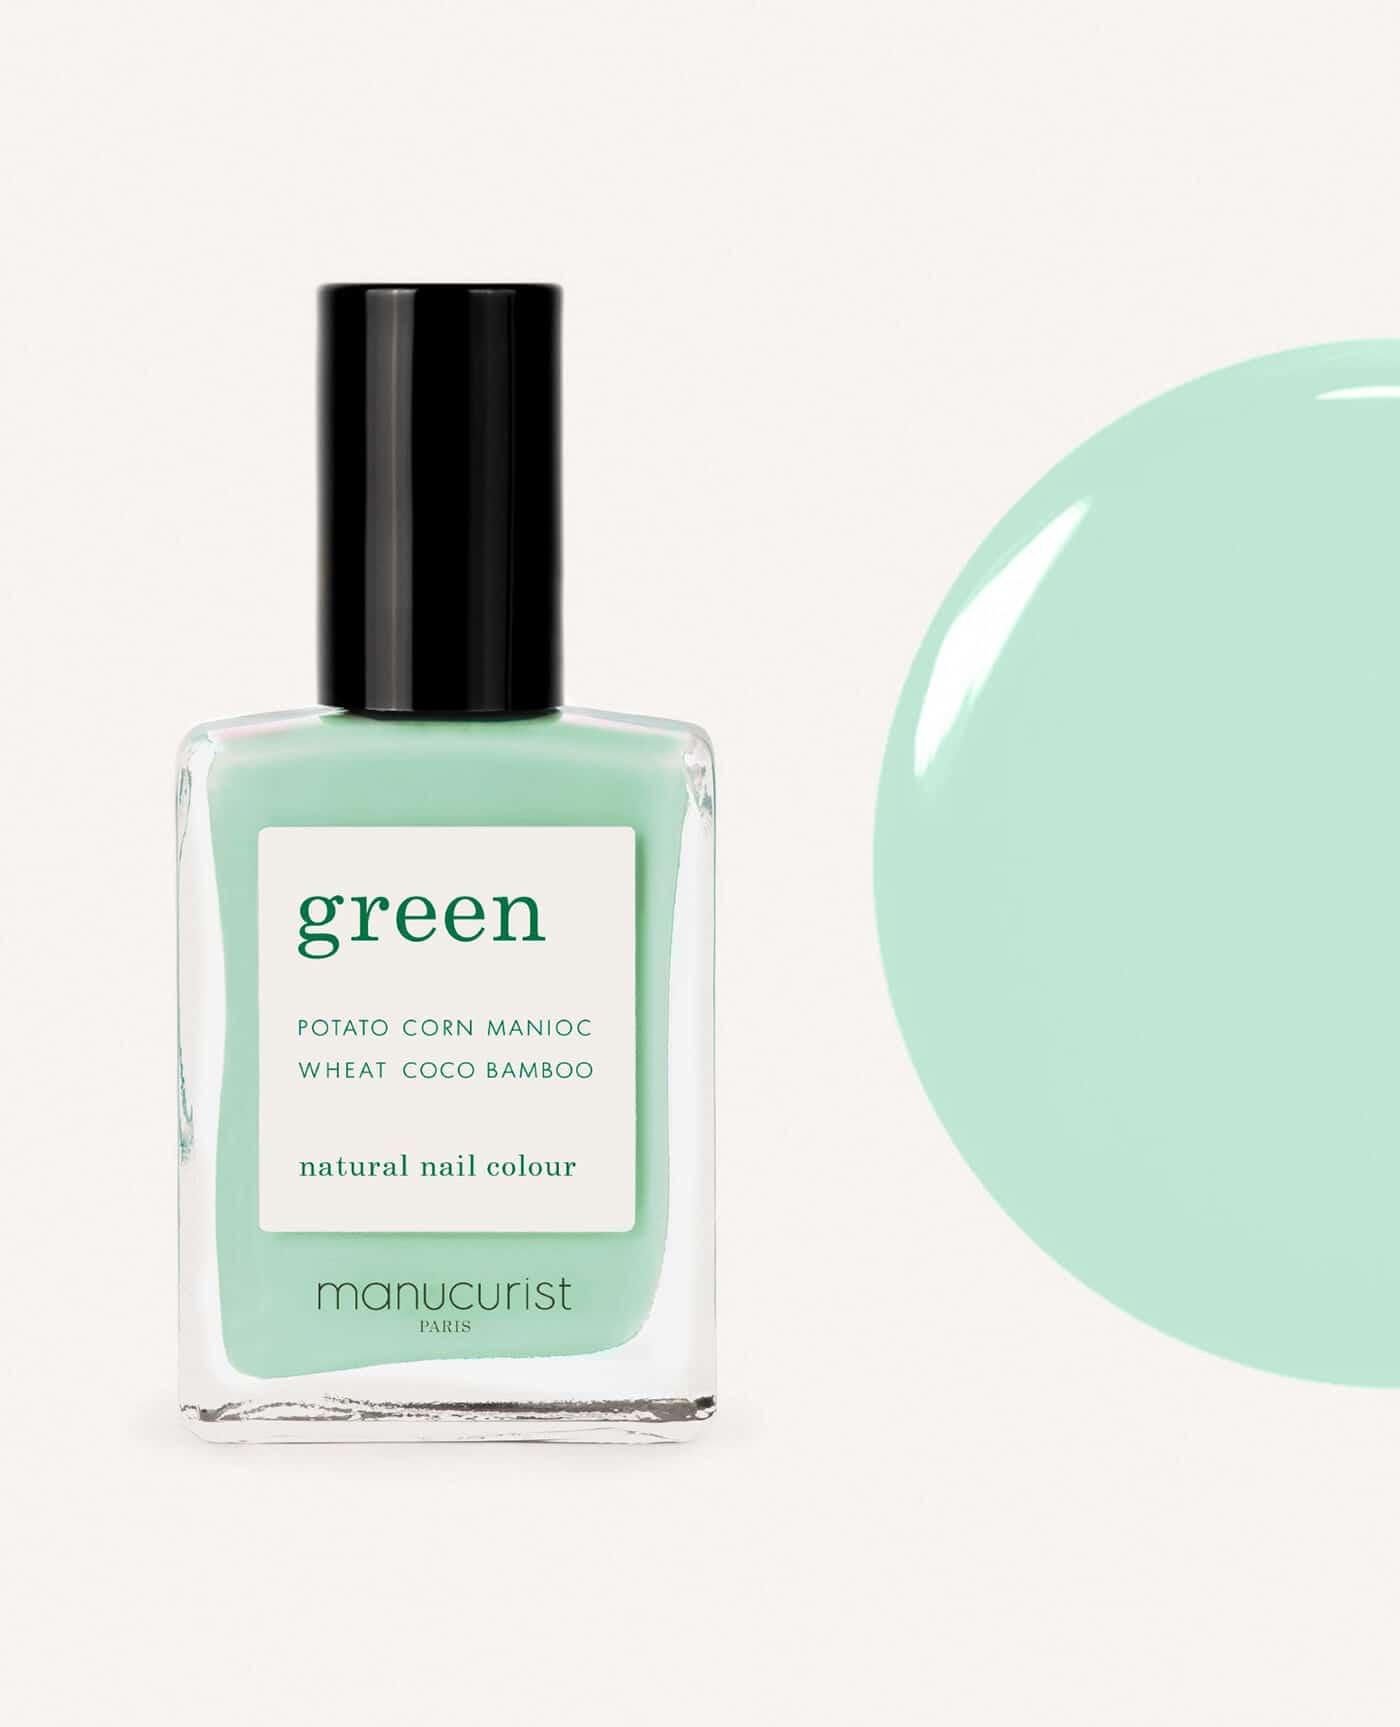 vernis à ongles bio green de la marque Manucurist made in france de couleur turquoise mint